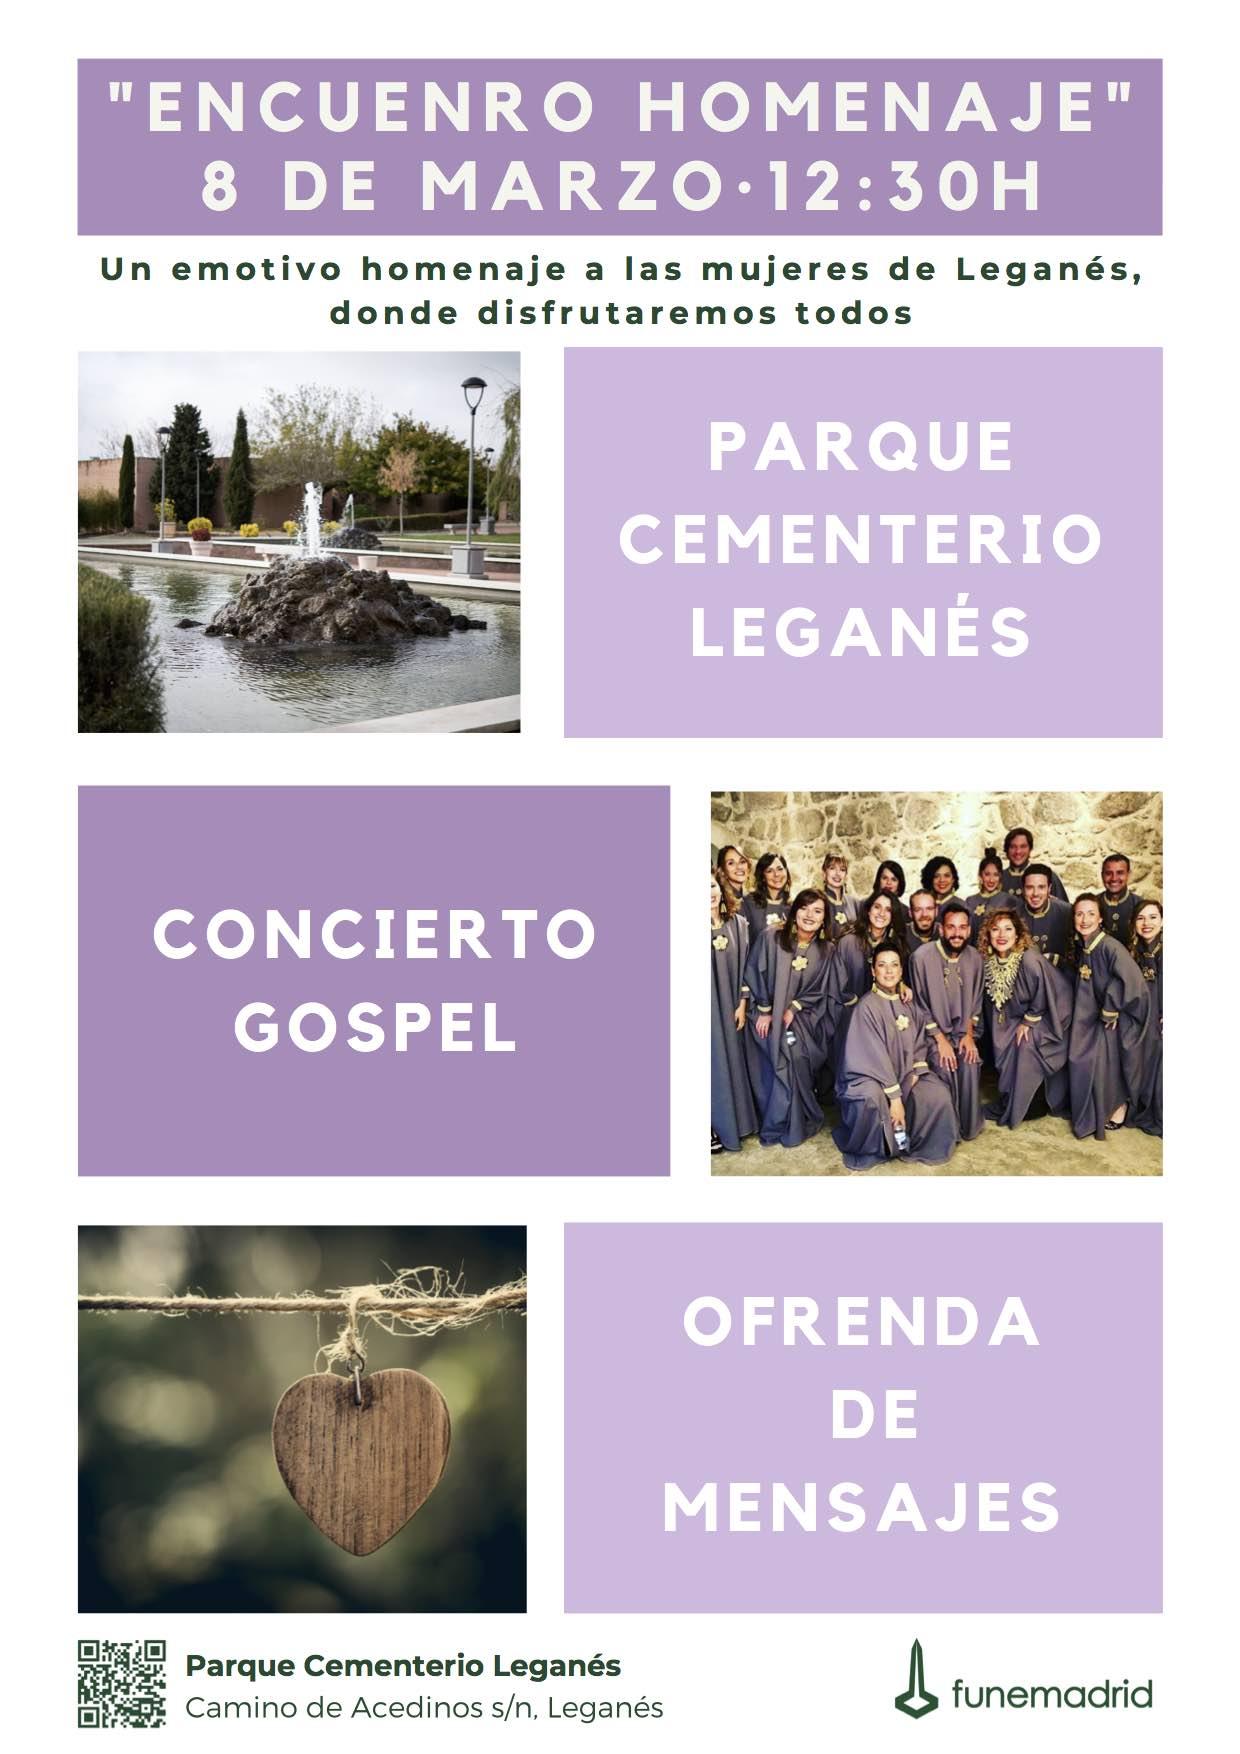 Encuentro homenaje 8 marzo Parque Cementerio Leganés